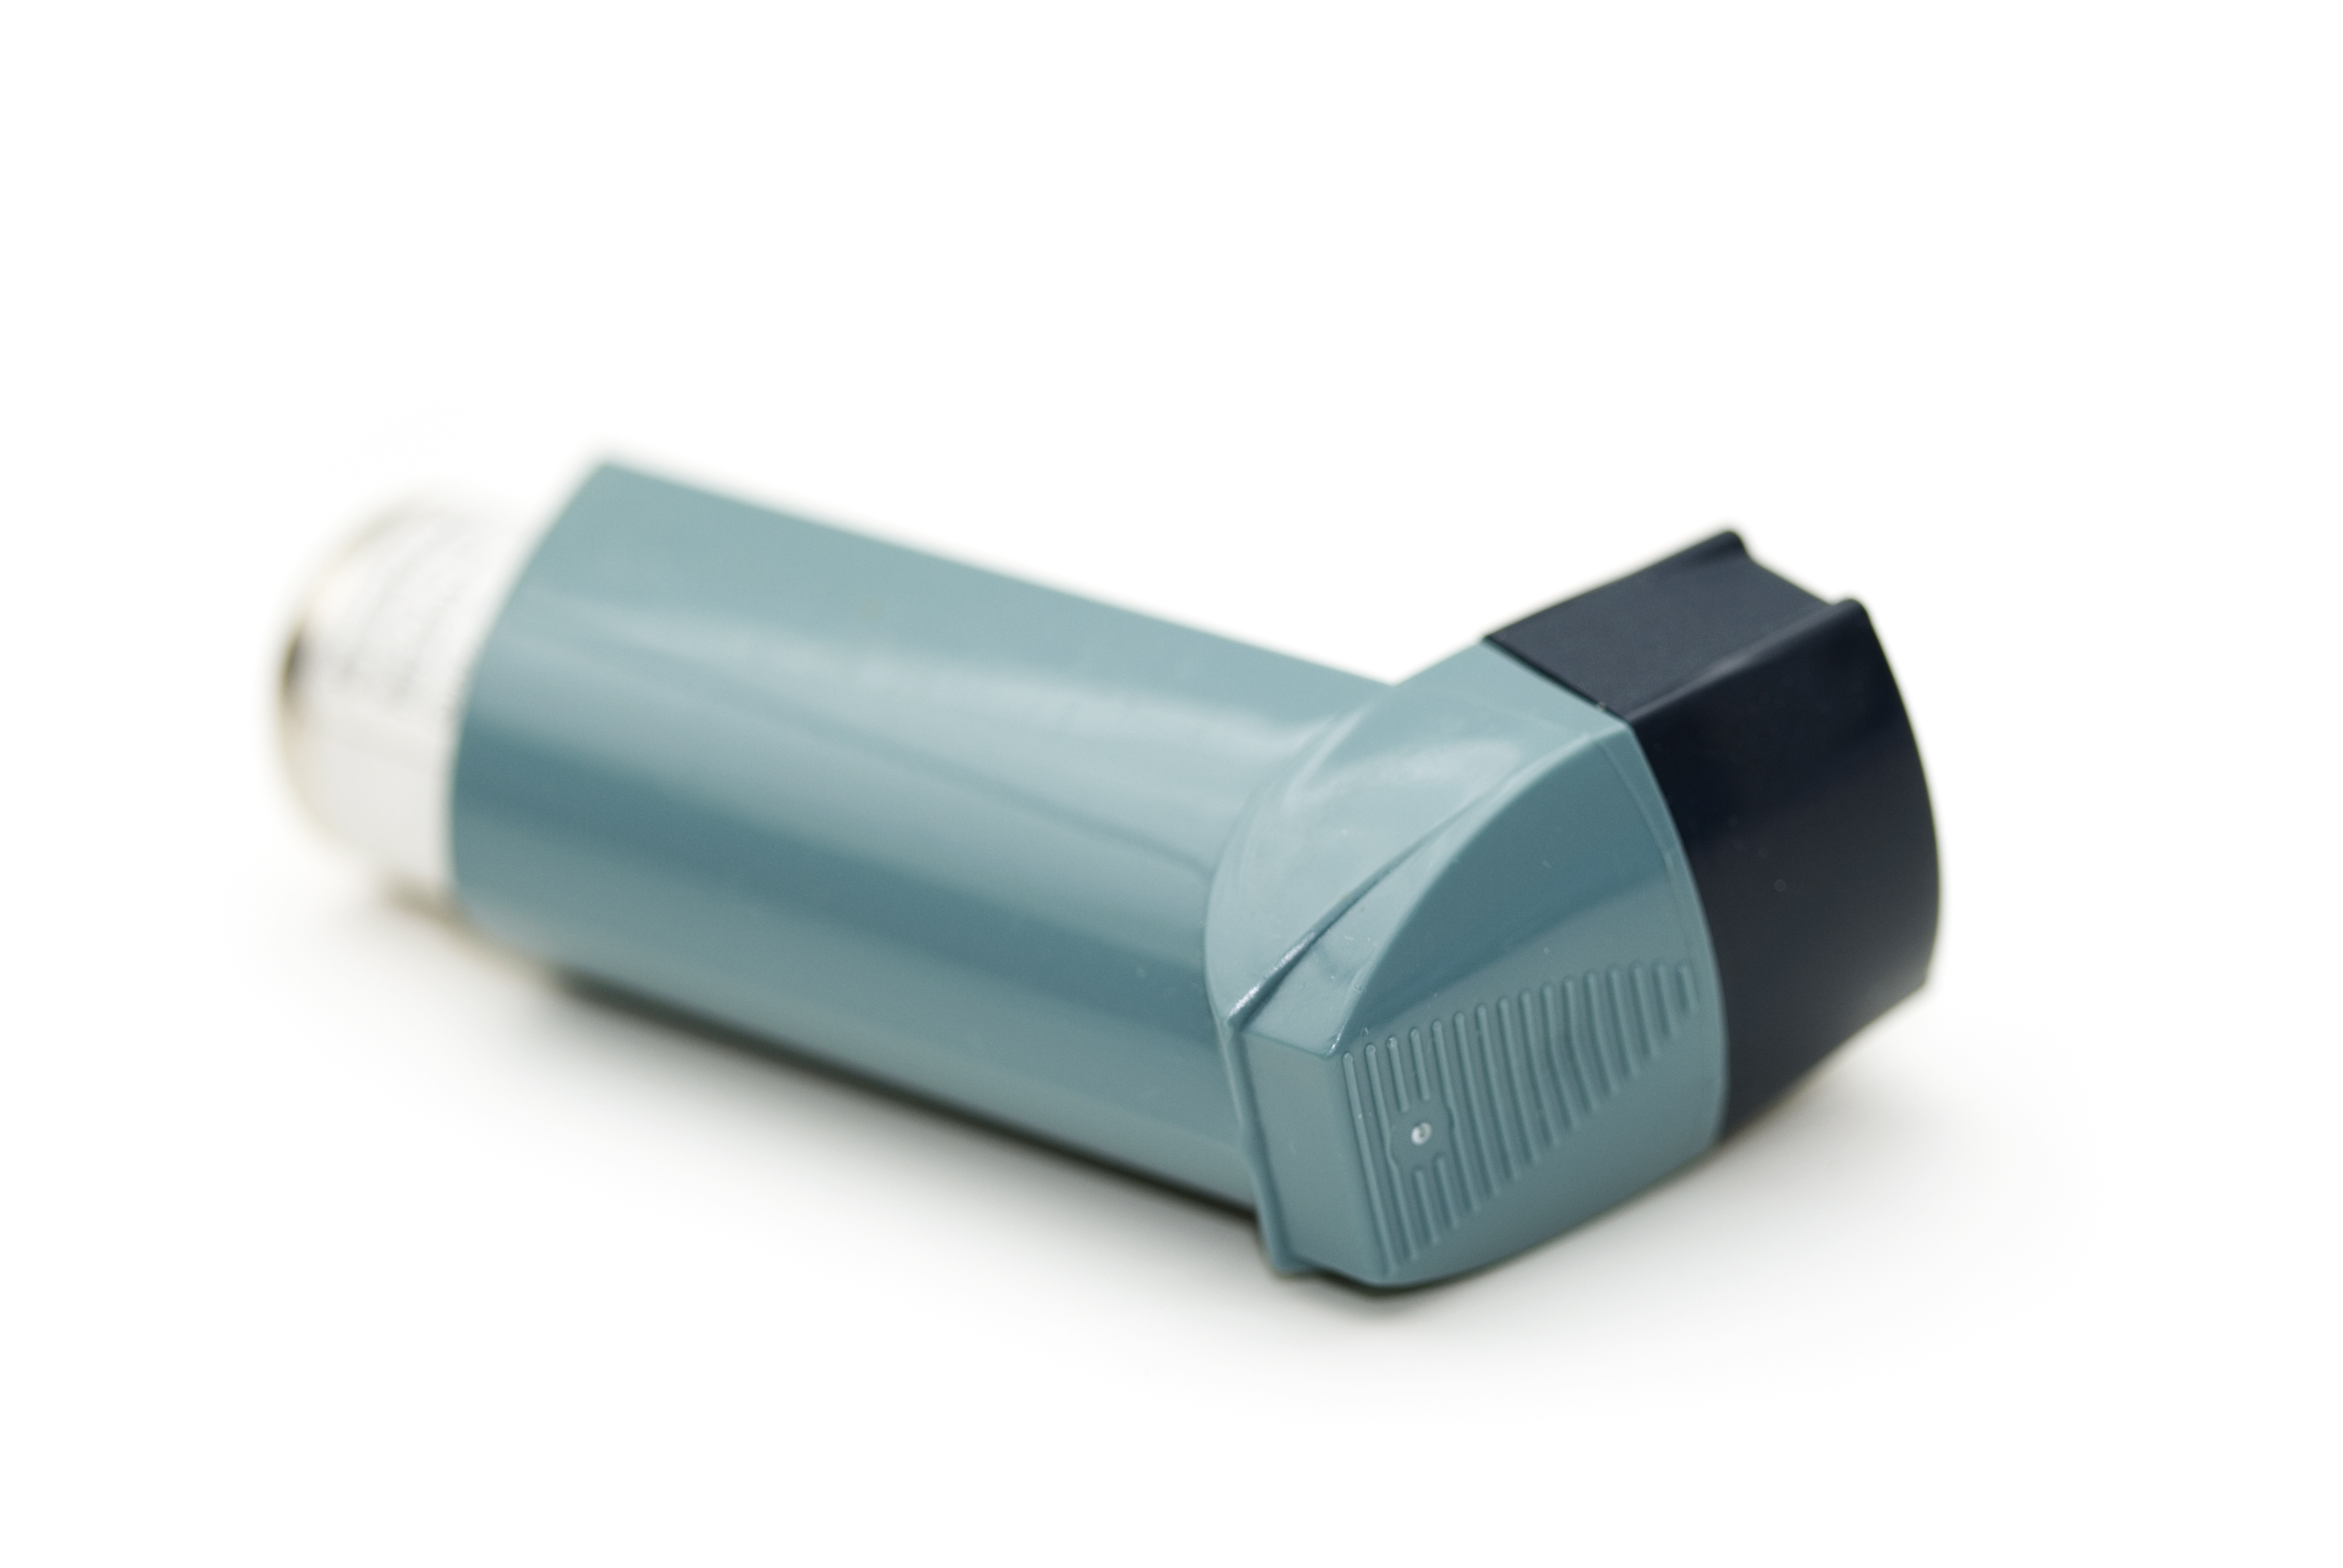 El 70% de los asmáticos no sigue el tratamiento y sólo el 9% utiliza el inhalador correctamente